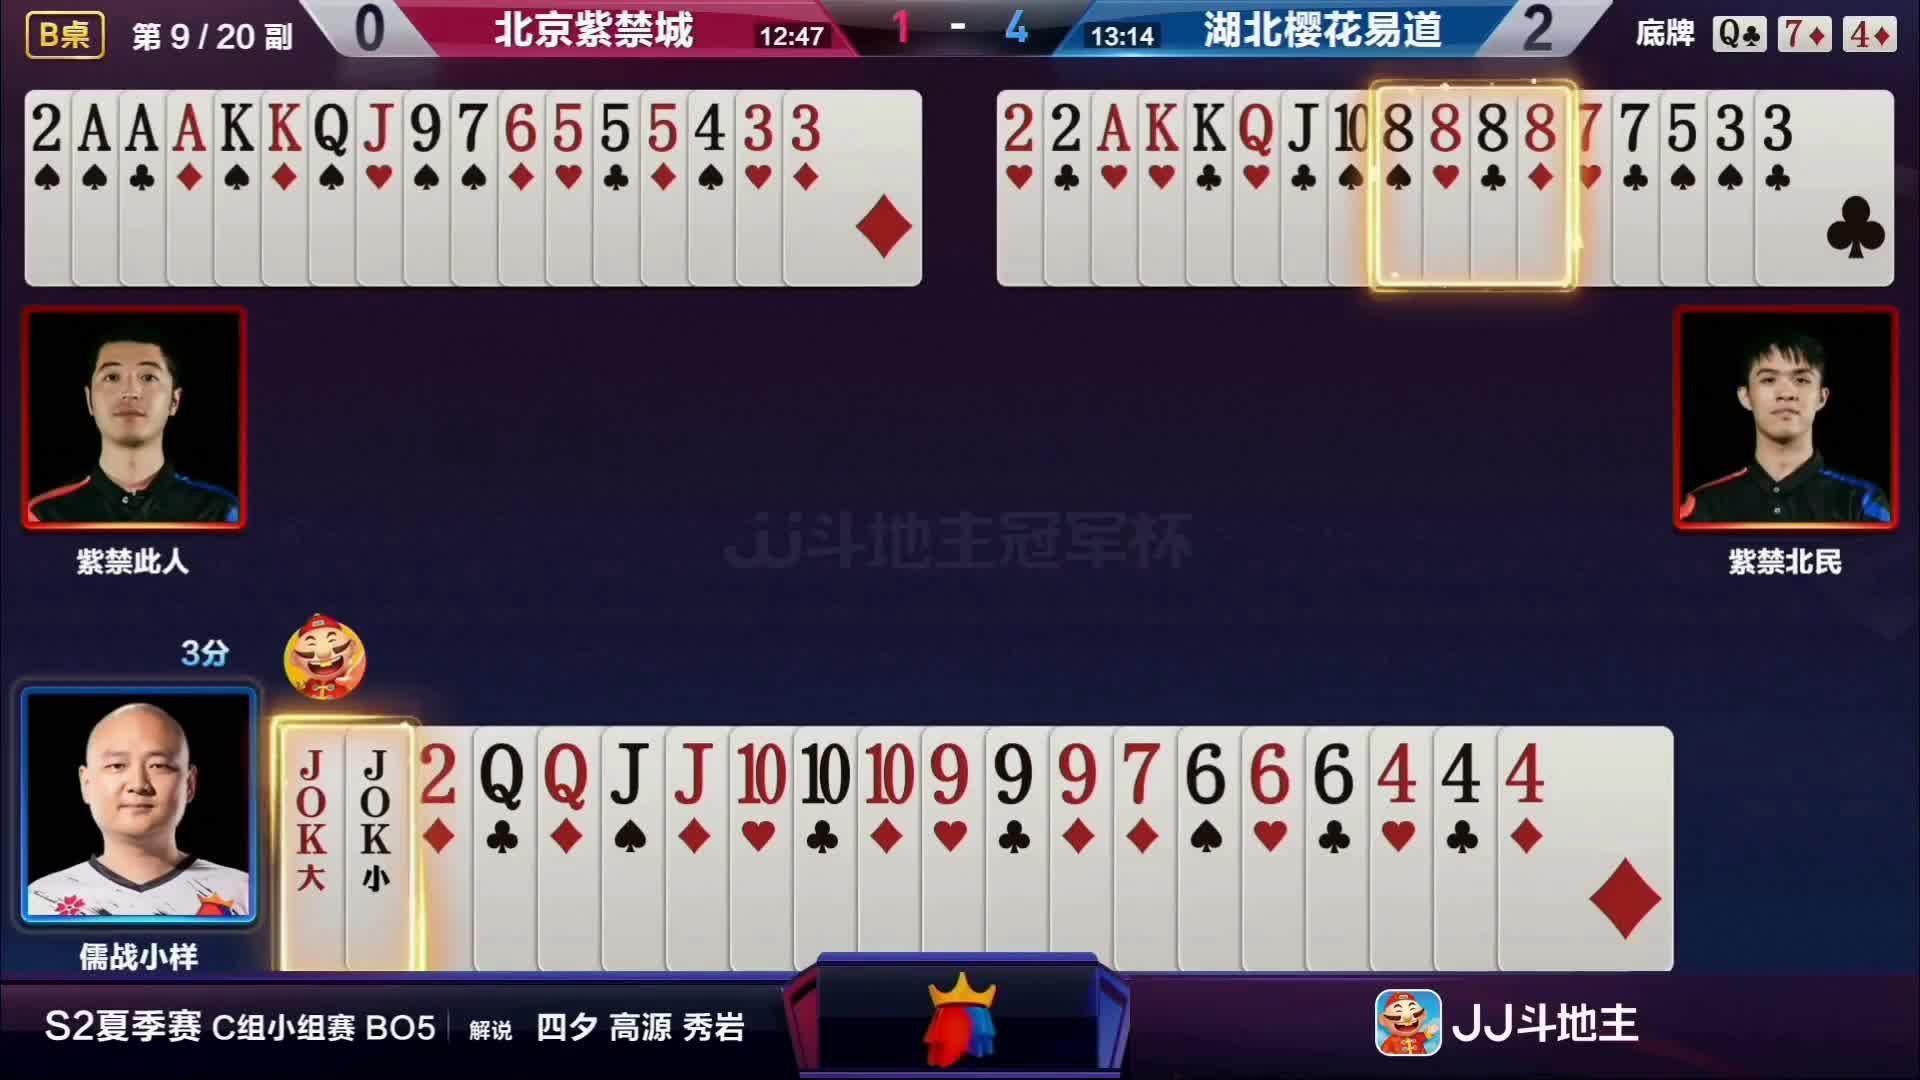 斗地主:打牌要有耐心,地主作出最佳示范,等候你8888炸下